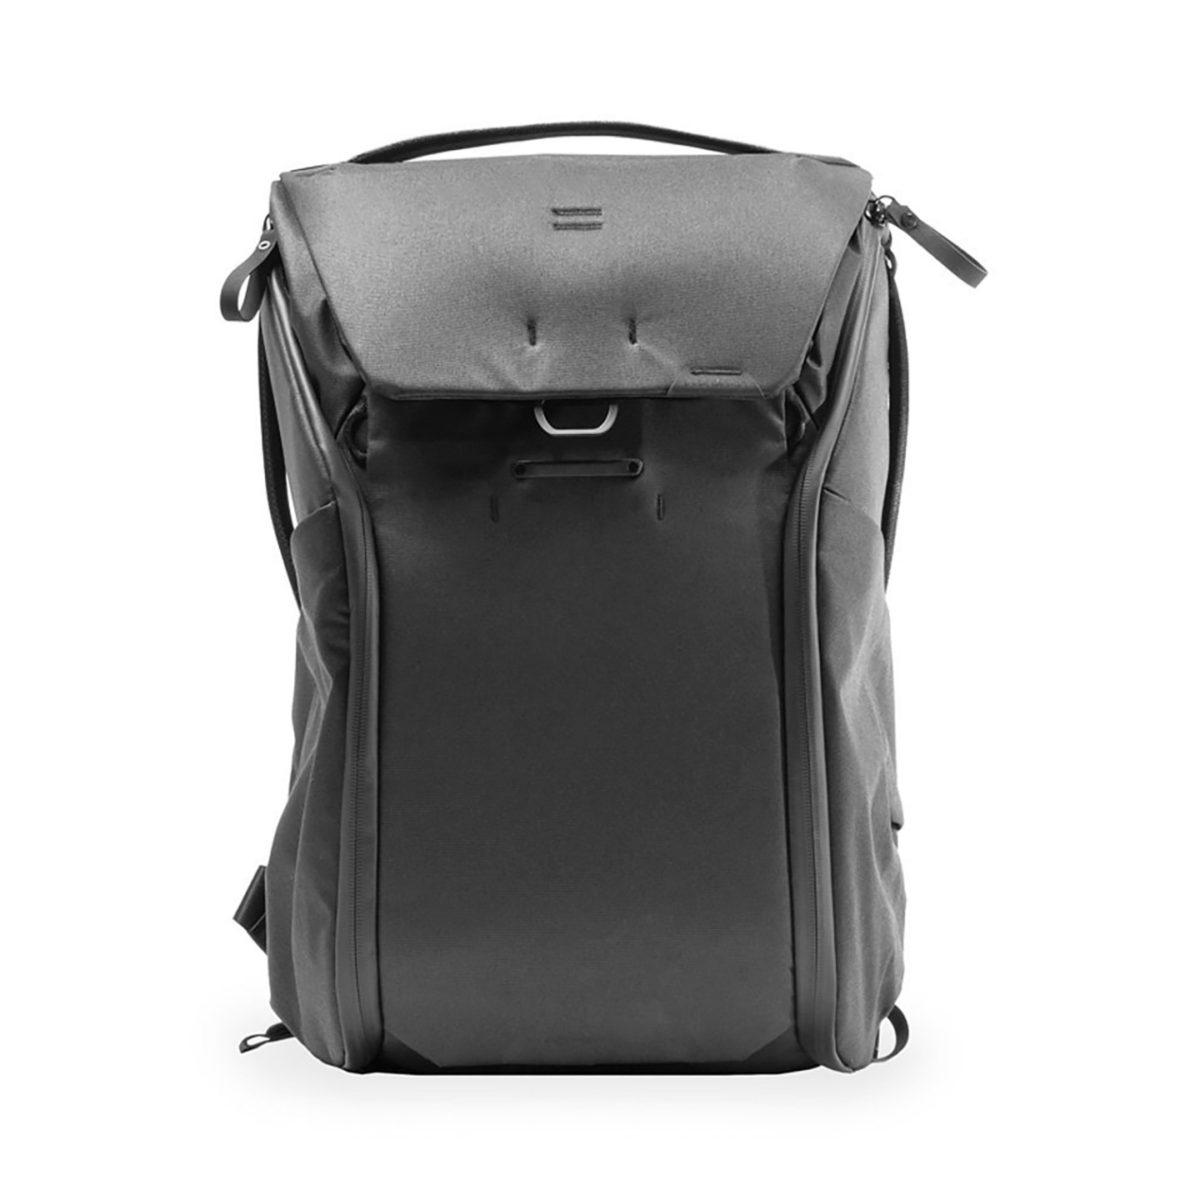 peak_design_everyday_backpack_v2_30l_schwarz_01